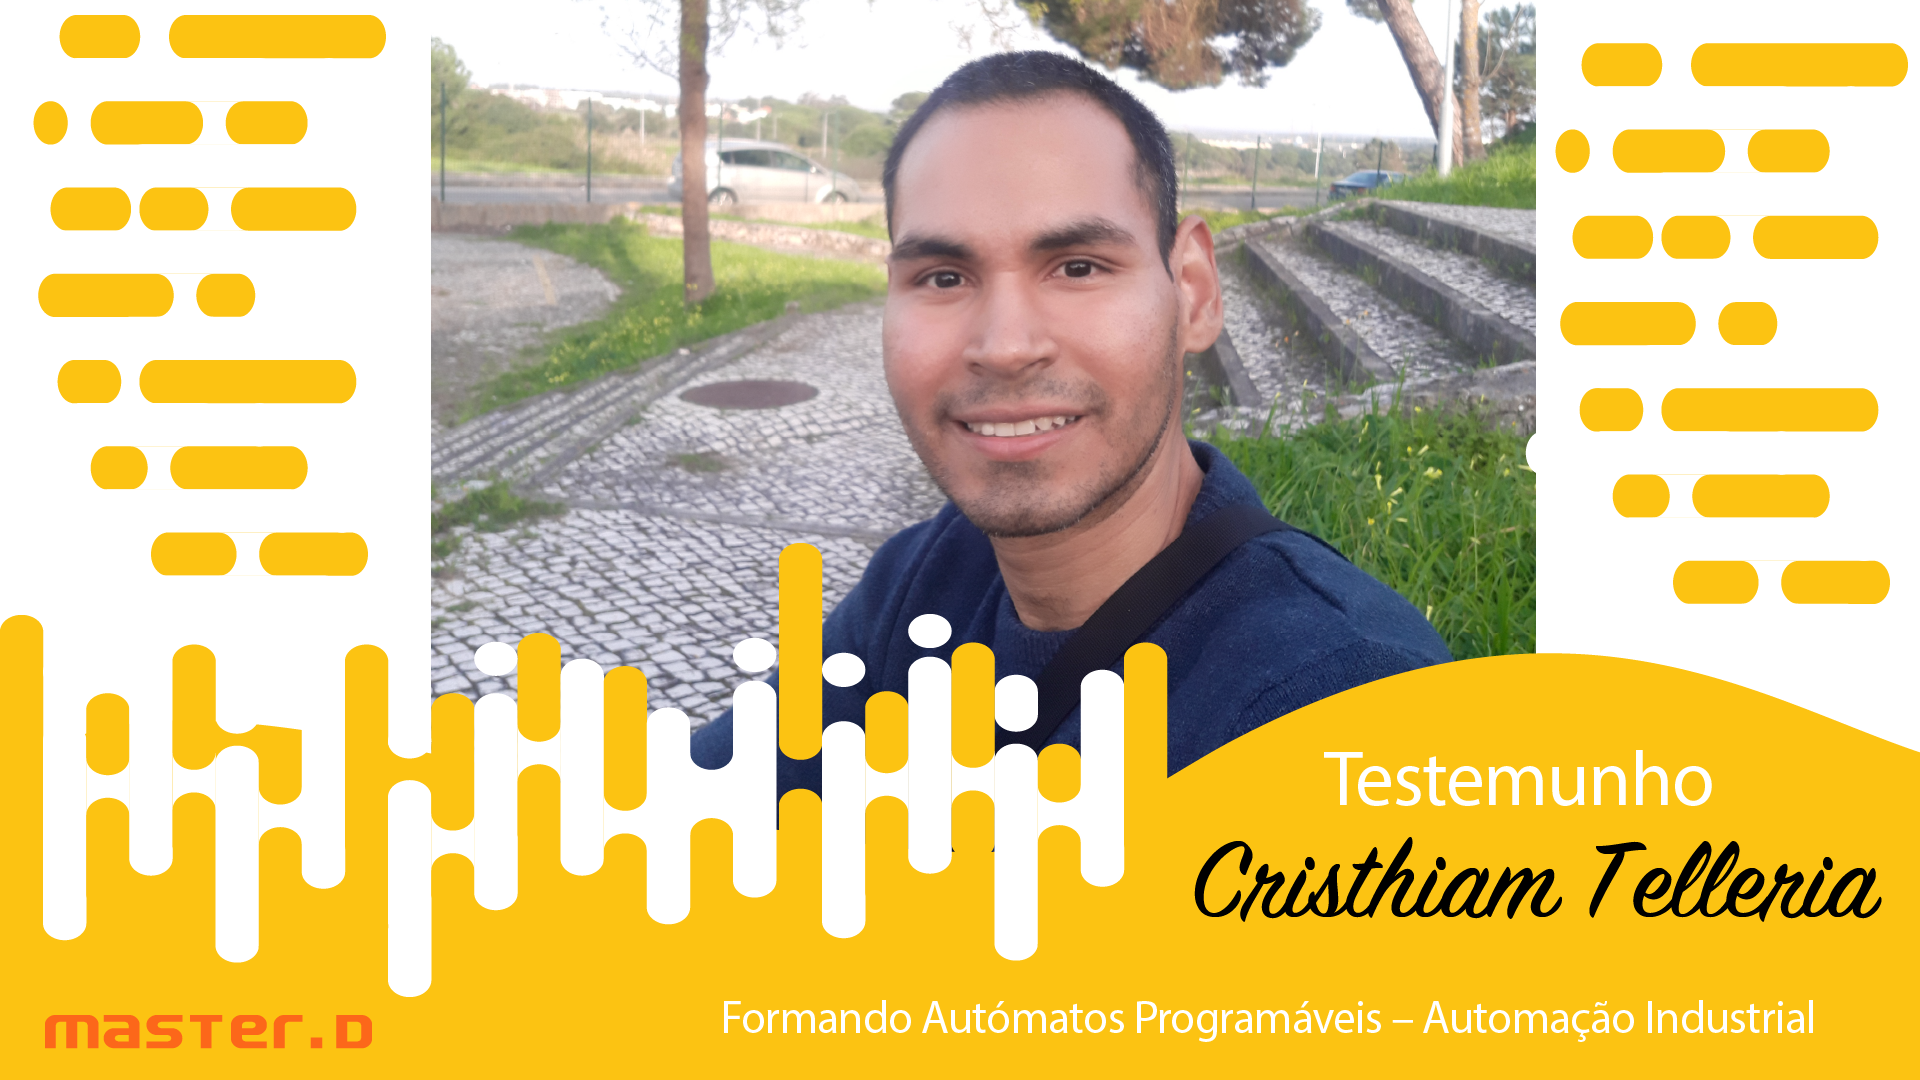 Cristhiam Telleria - Formando do Curso de Autómatos Programáveis - Automação Industrial